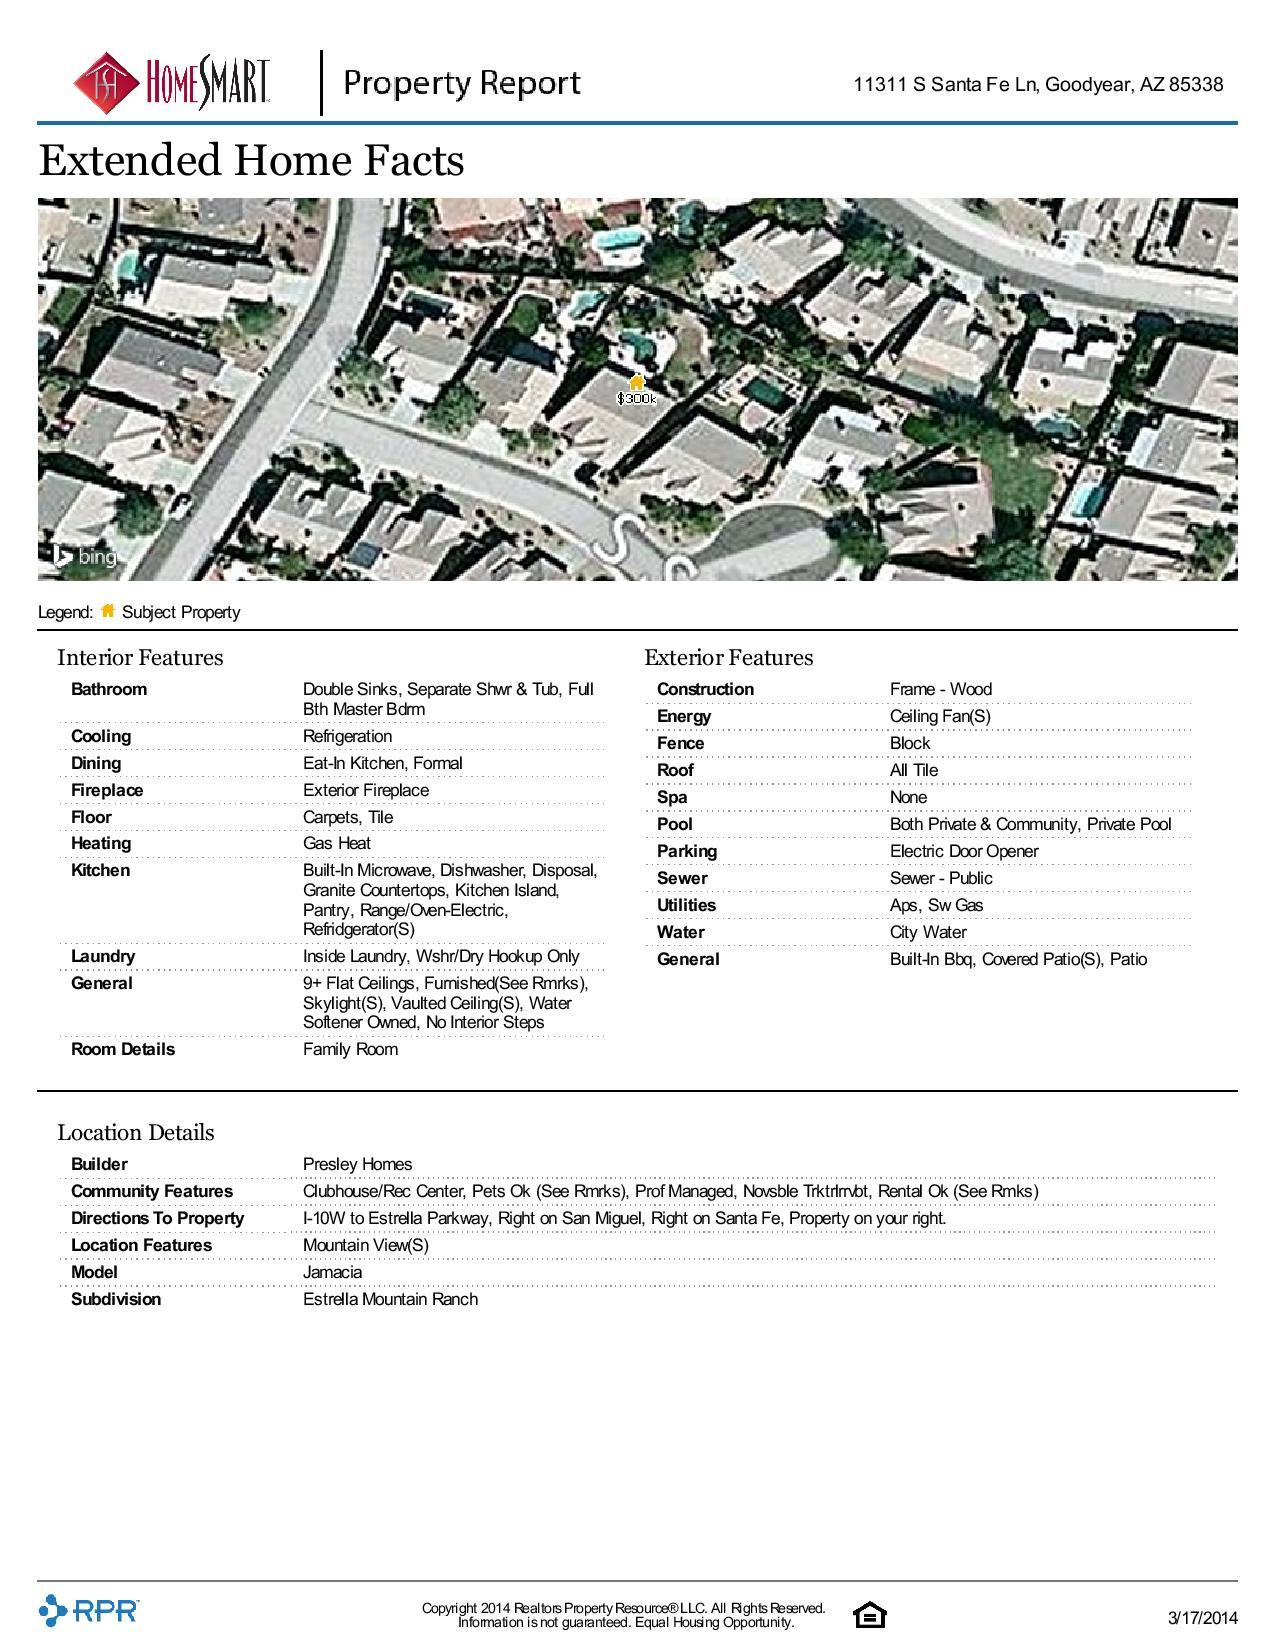 11311-S-Santa-Fe-Ln-Goodyear-AZ-85338-page-004